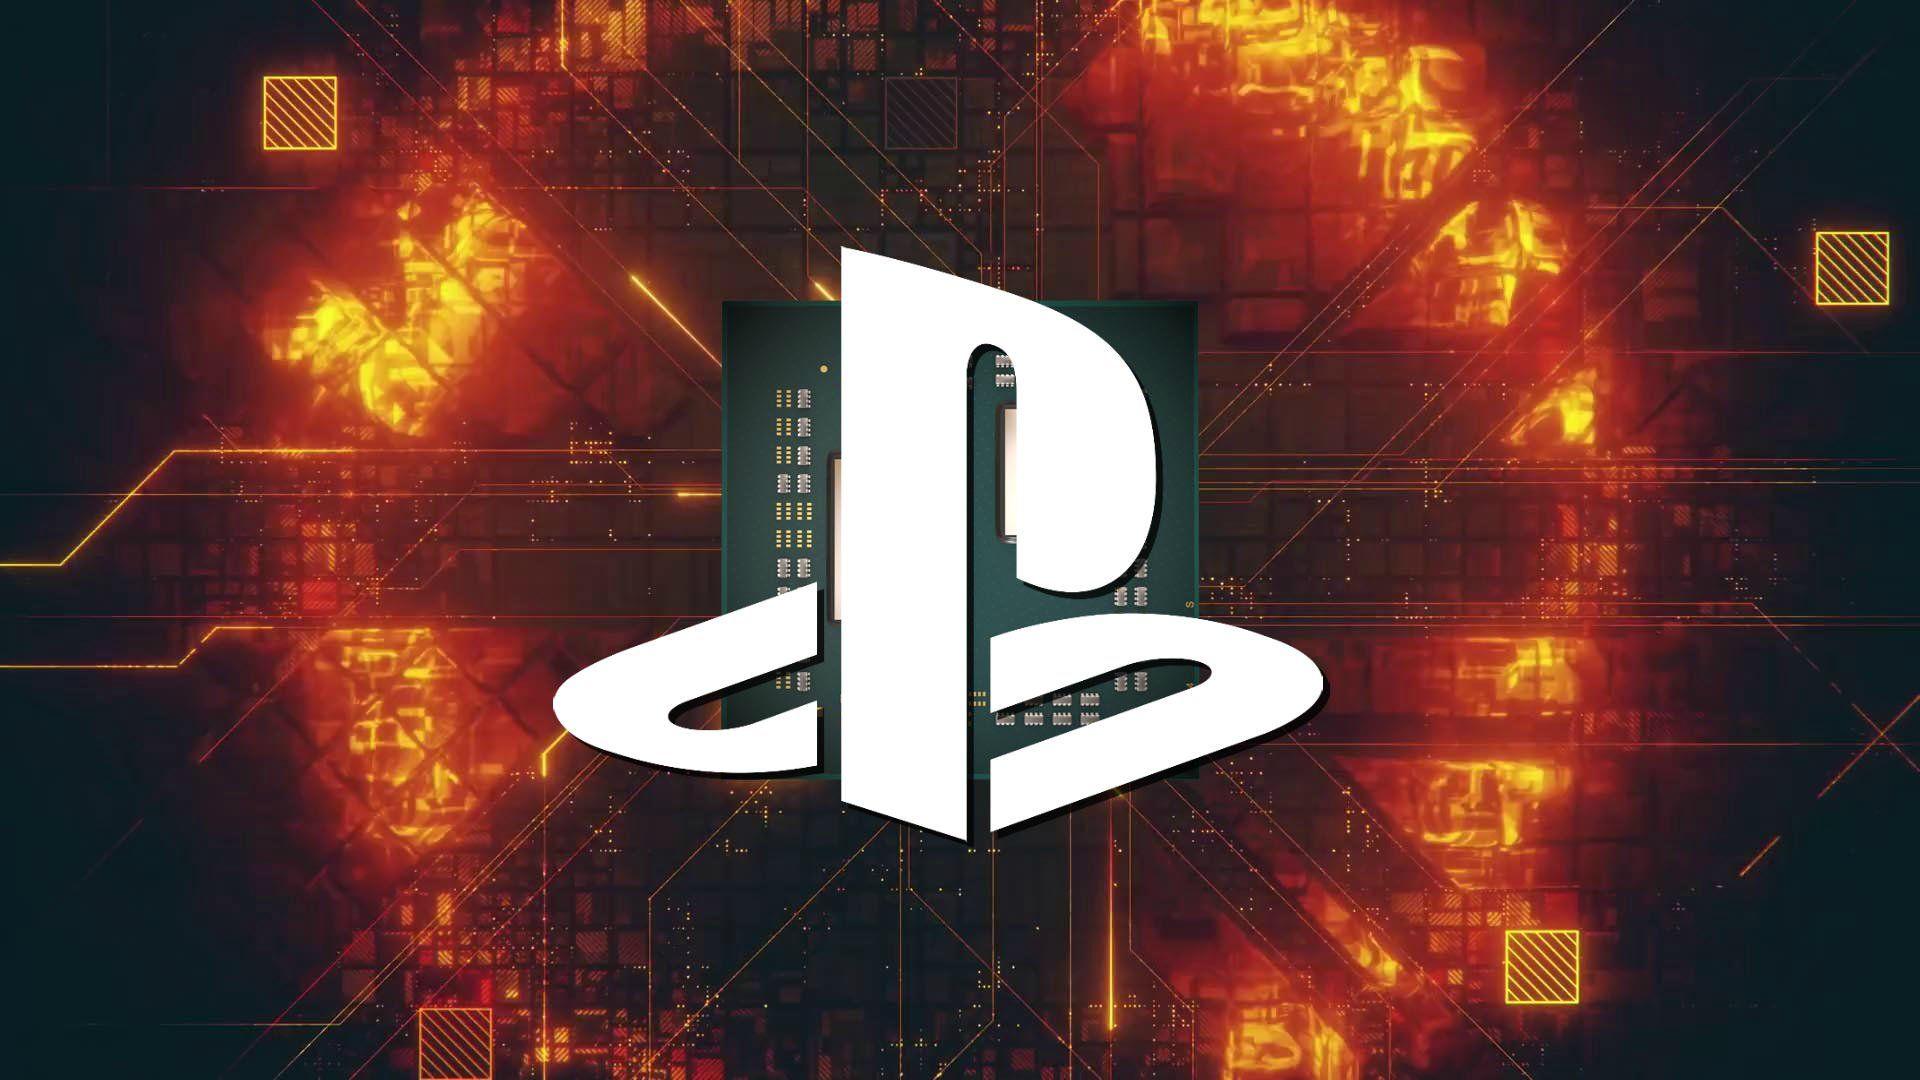 PS5新特性揭秘:手柄升级 游戏可只安装一部分